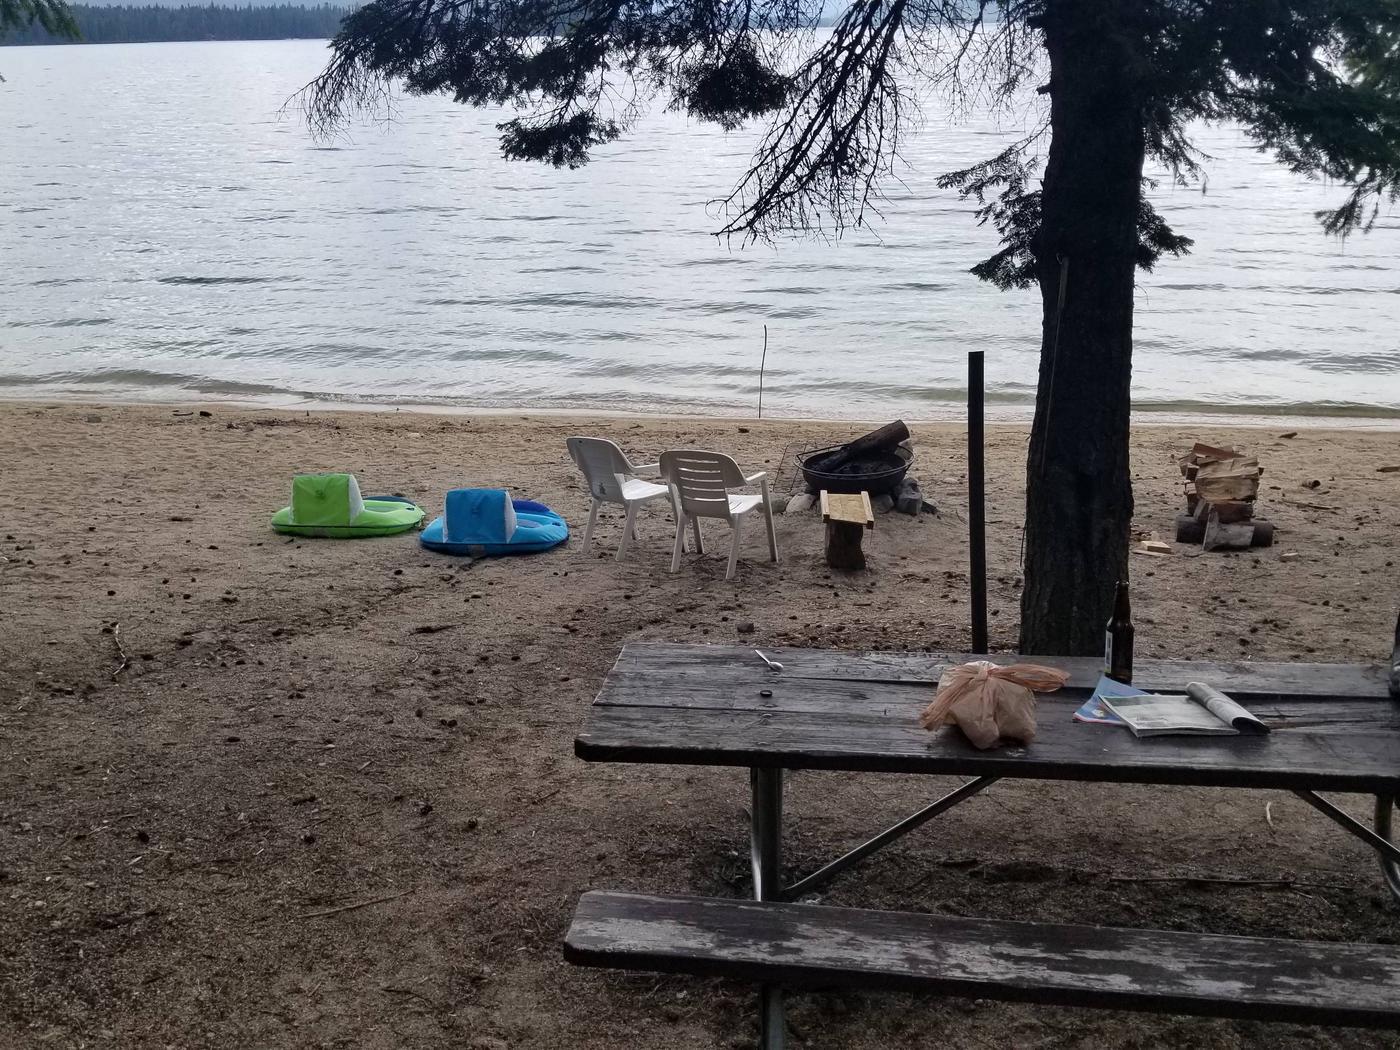 Sunshine Site #20Sunshine Boat-in Campsite #20